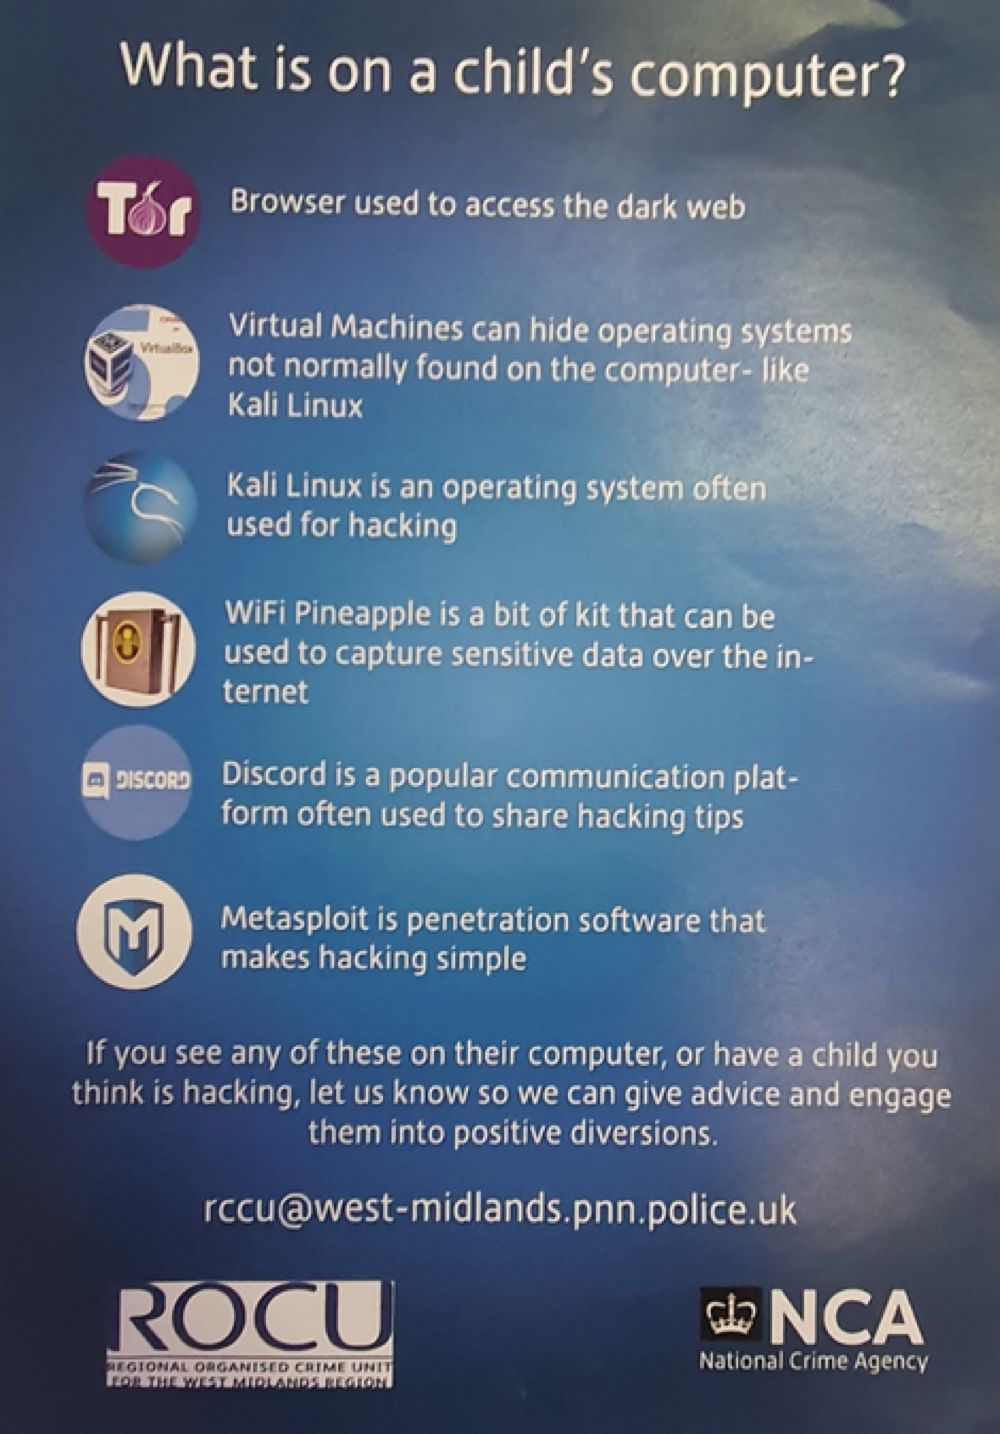 Une affiche britannique met en garde les parents contre Discord et Tor